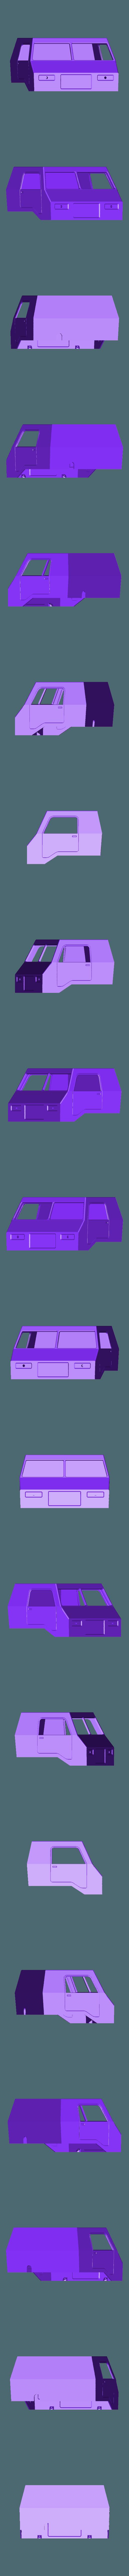 TruckV3_cab_top.STL Download STL file 3D Printed RC Truck V3 • 3D print model, MrCrankyface